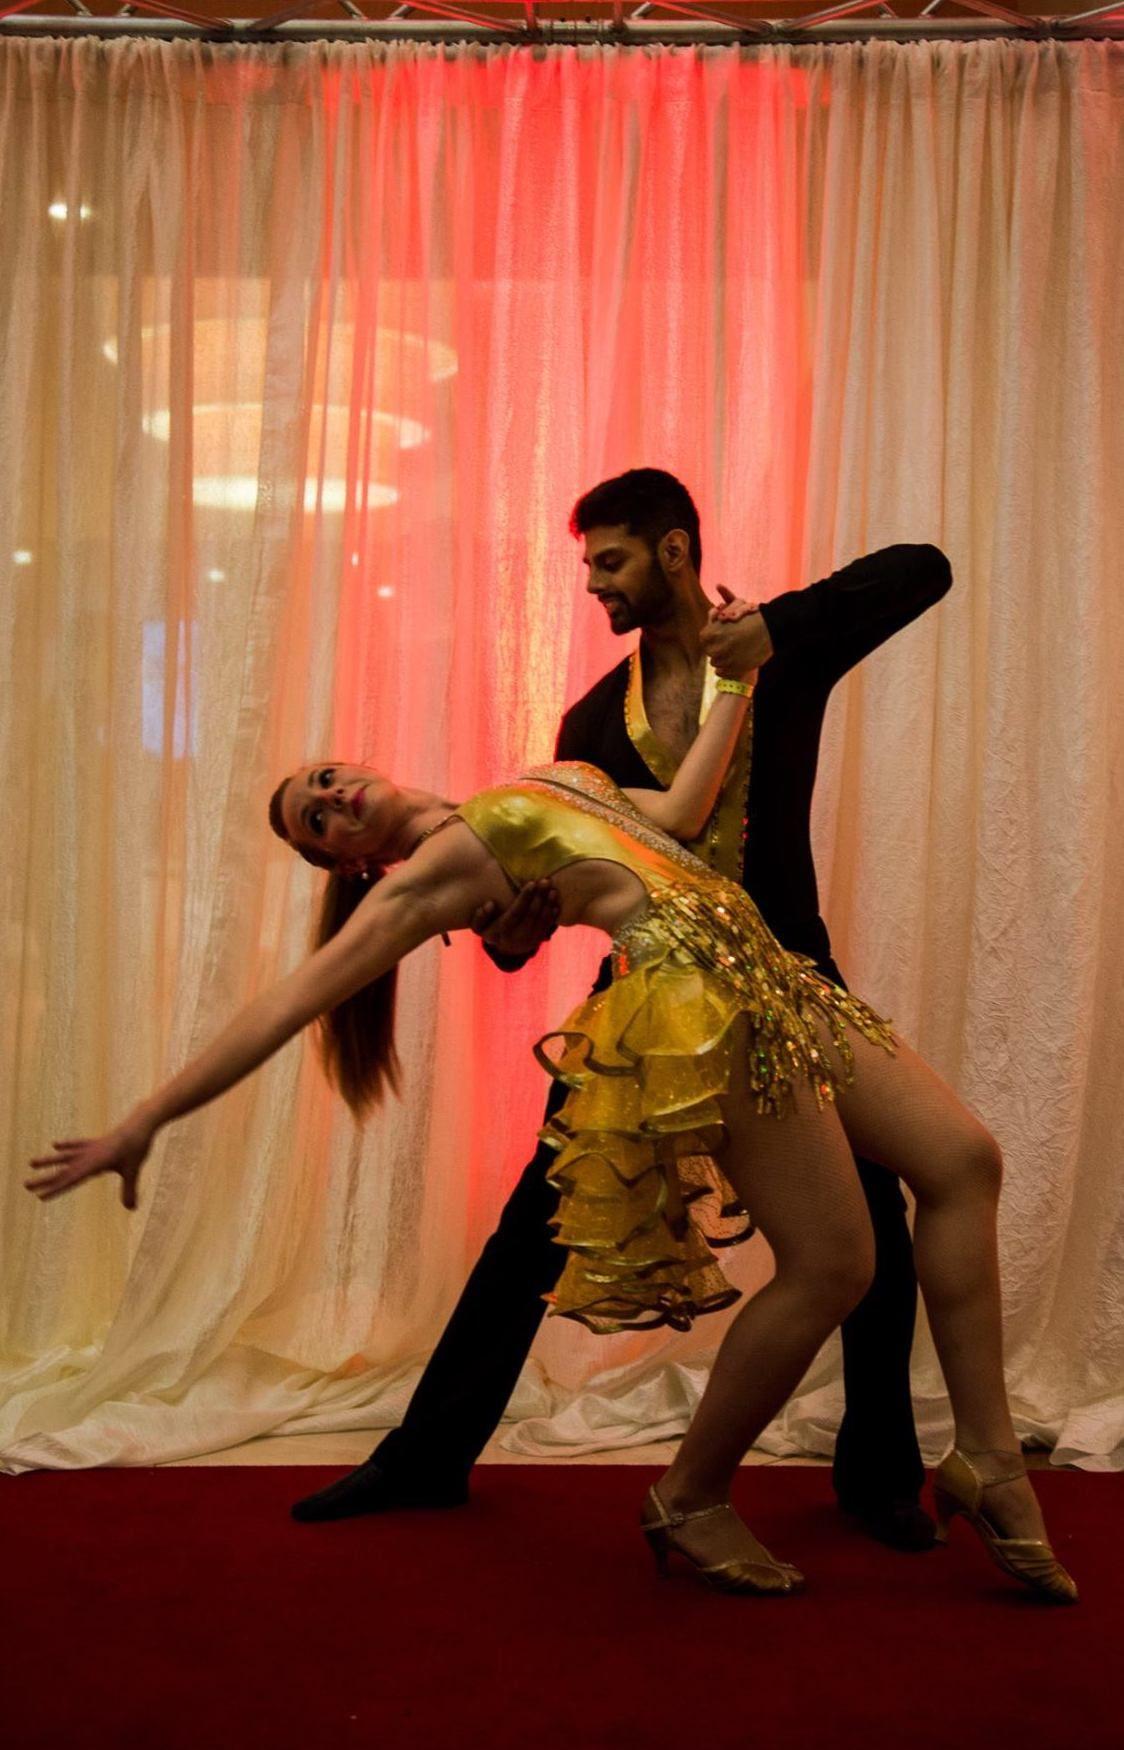 Salsa dance dip salsa dance photo salsa dancing photo